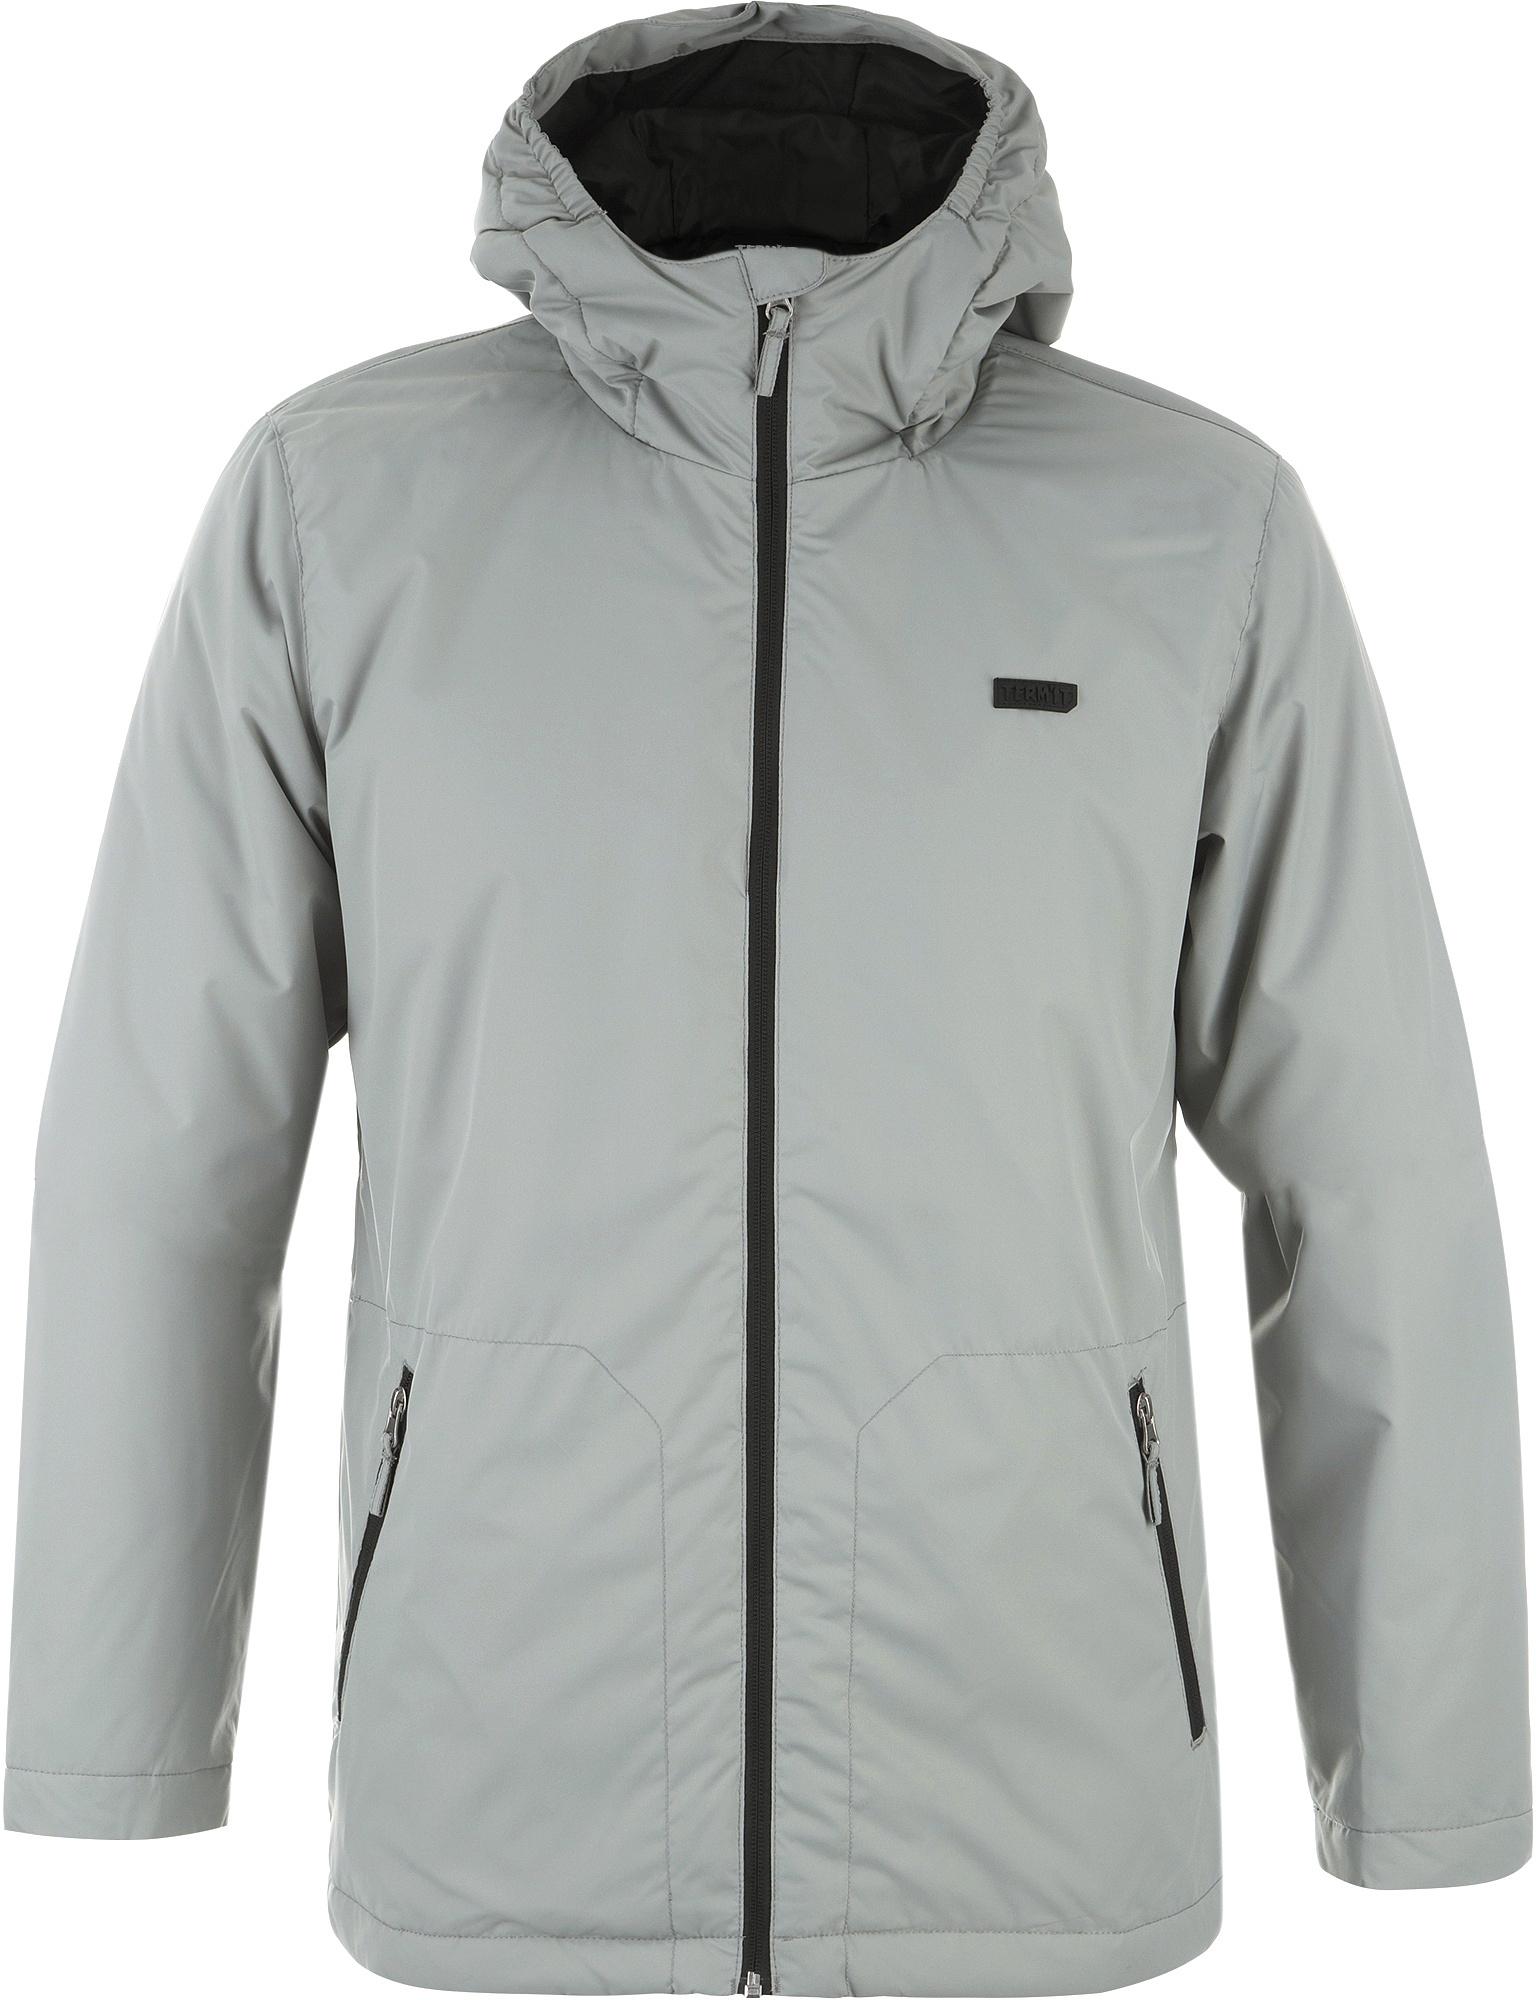 купить Termit Куртка утепленная мужская Termit, размер 54 по цене 2999 рублей